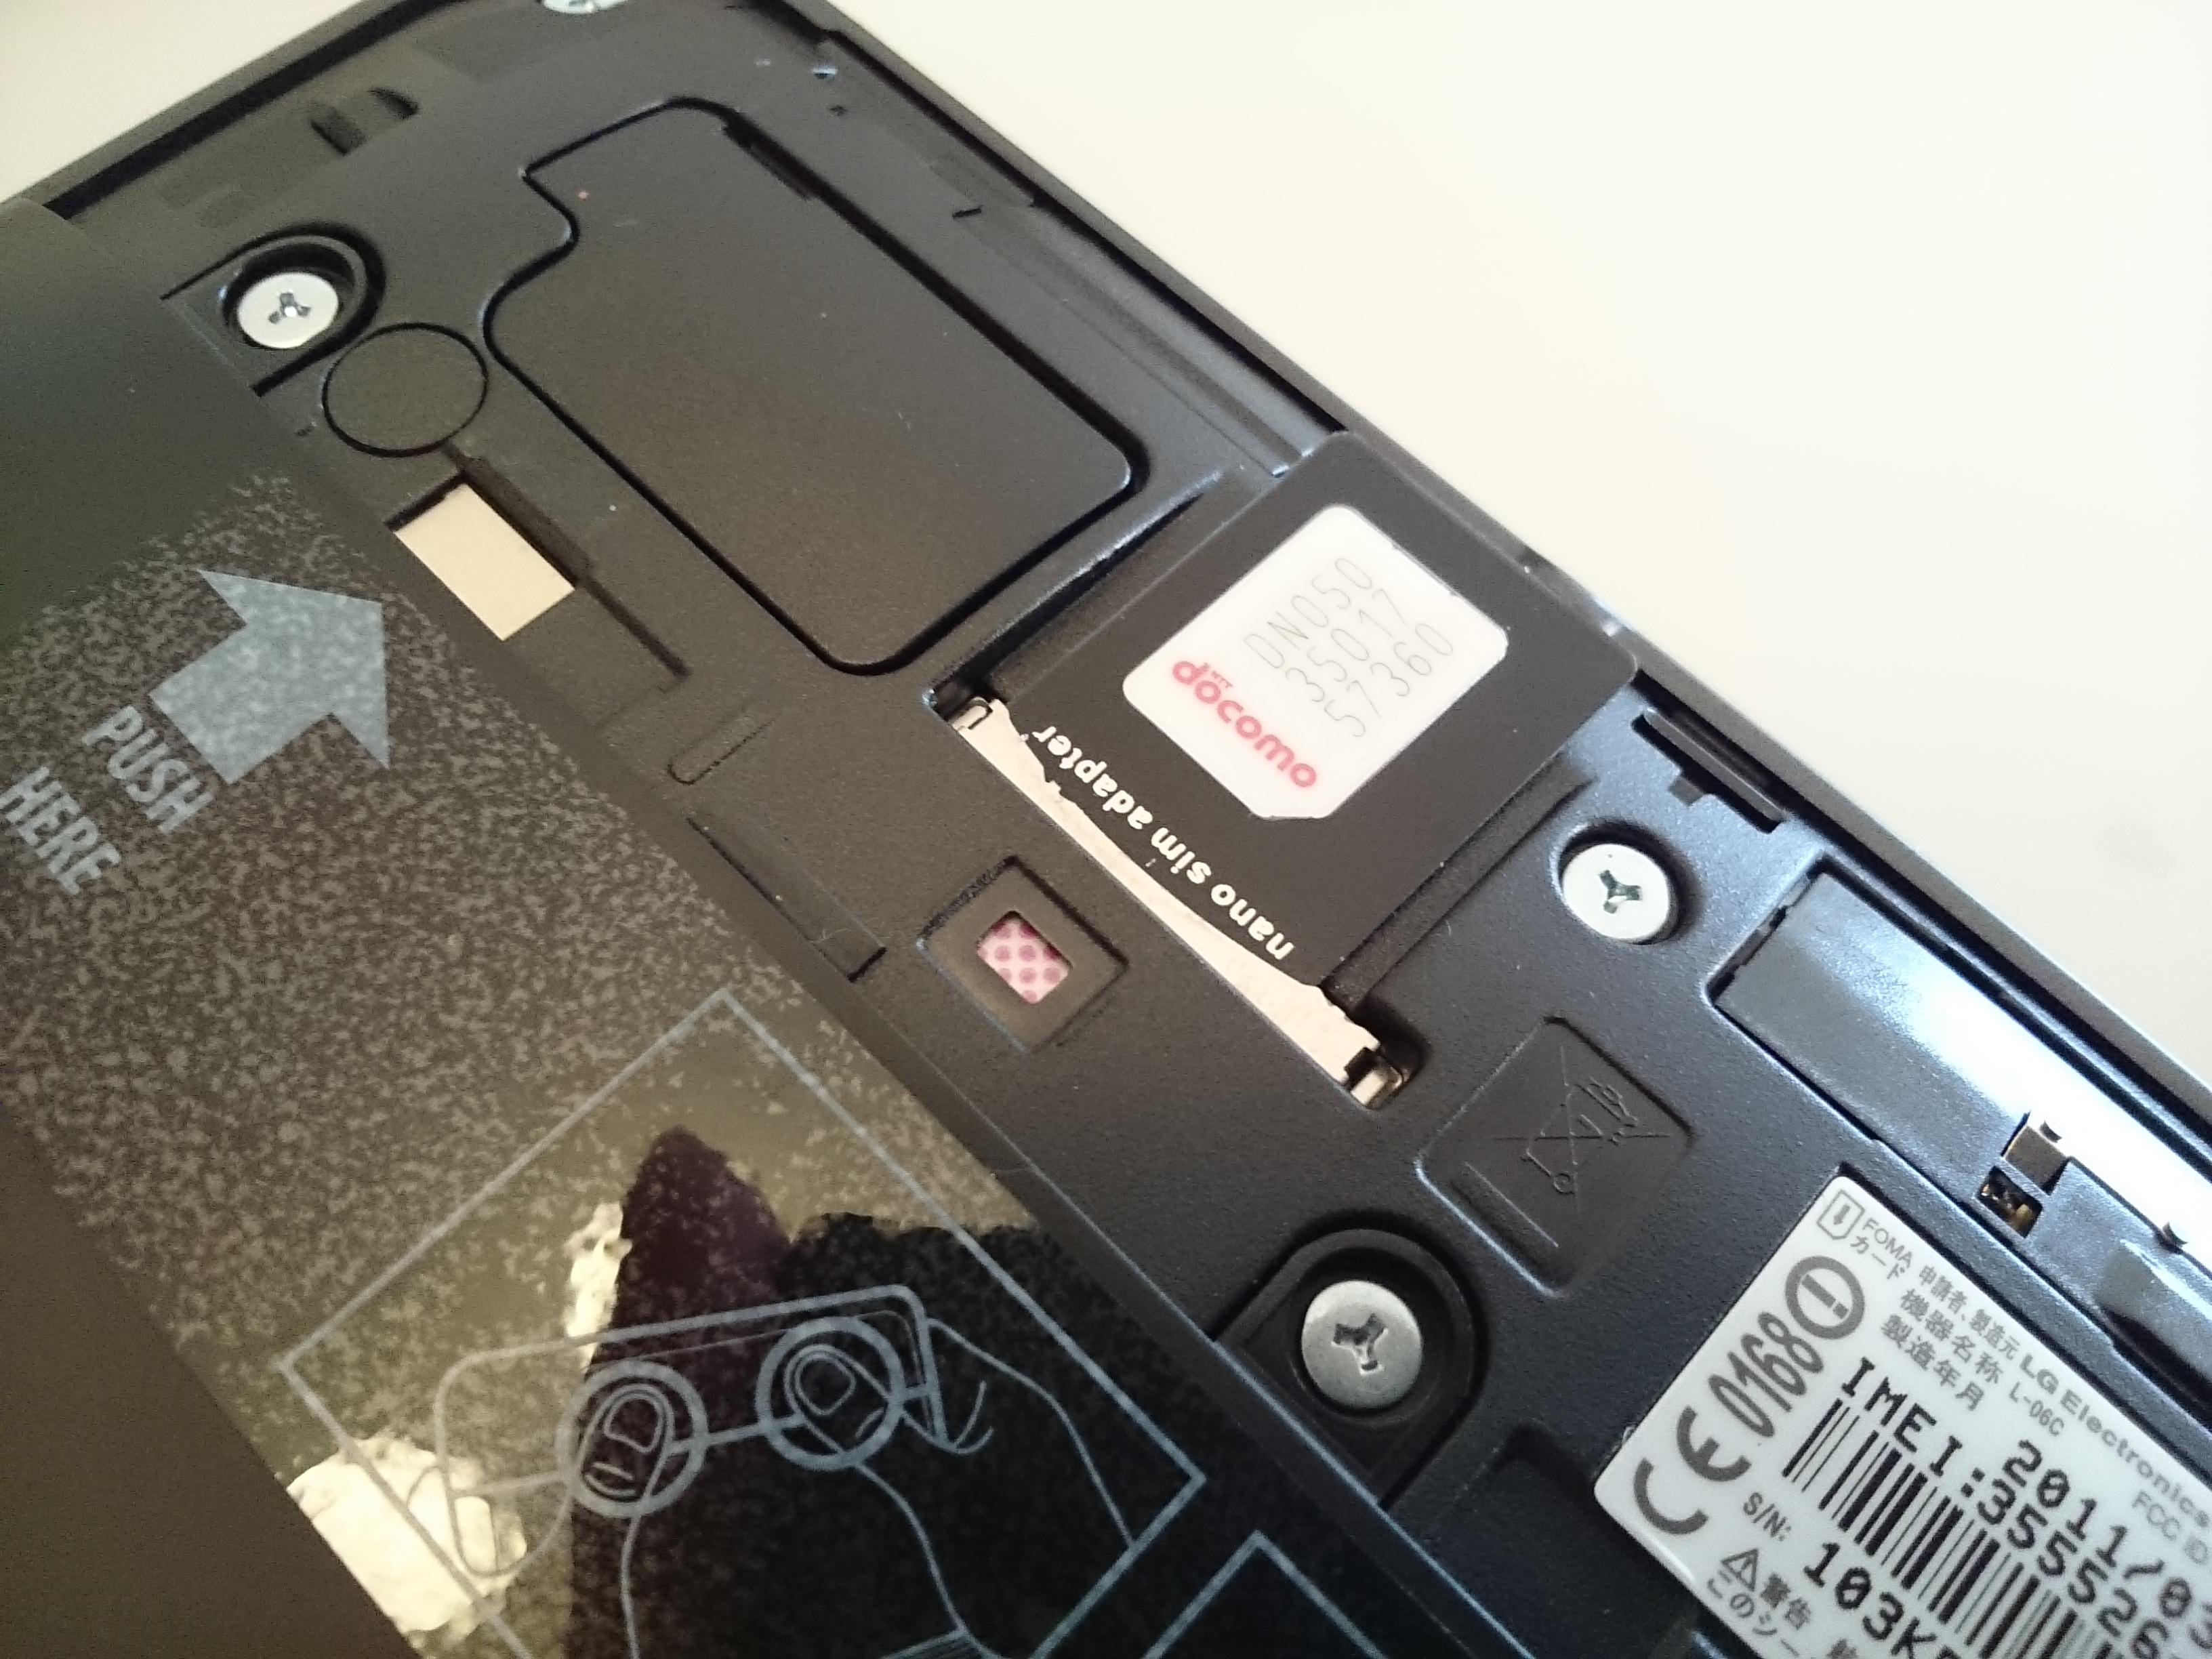 ドコモのタブレットにワイヤレスゲートの格安SIMカードを入れてみた